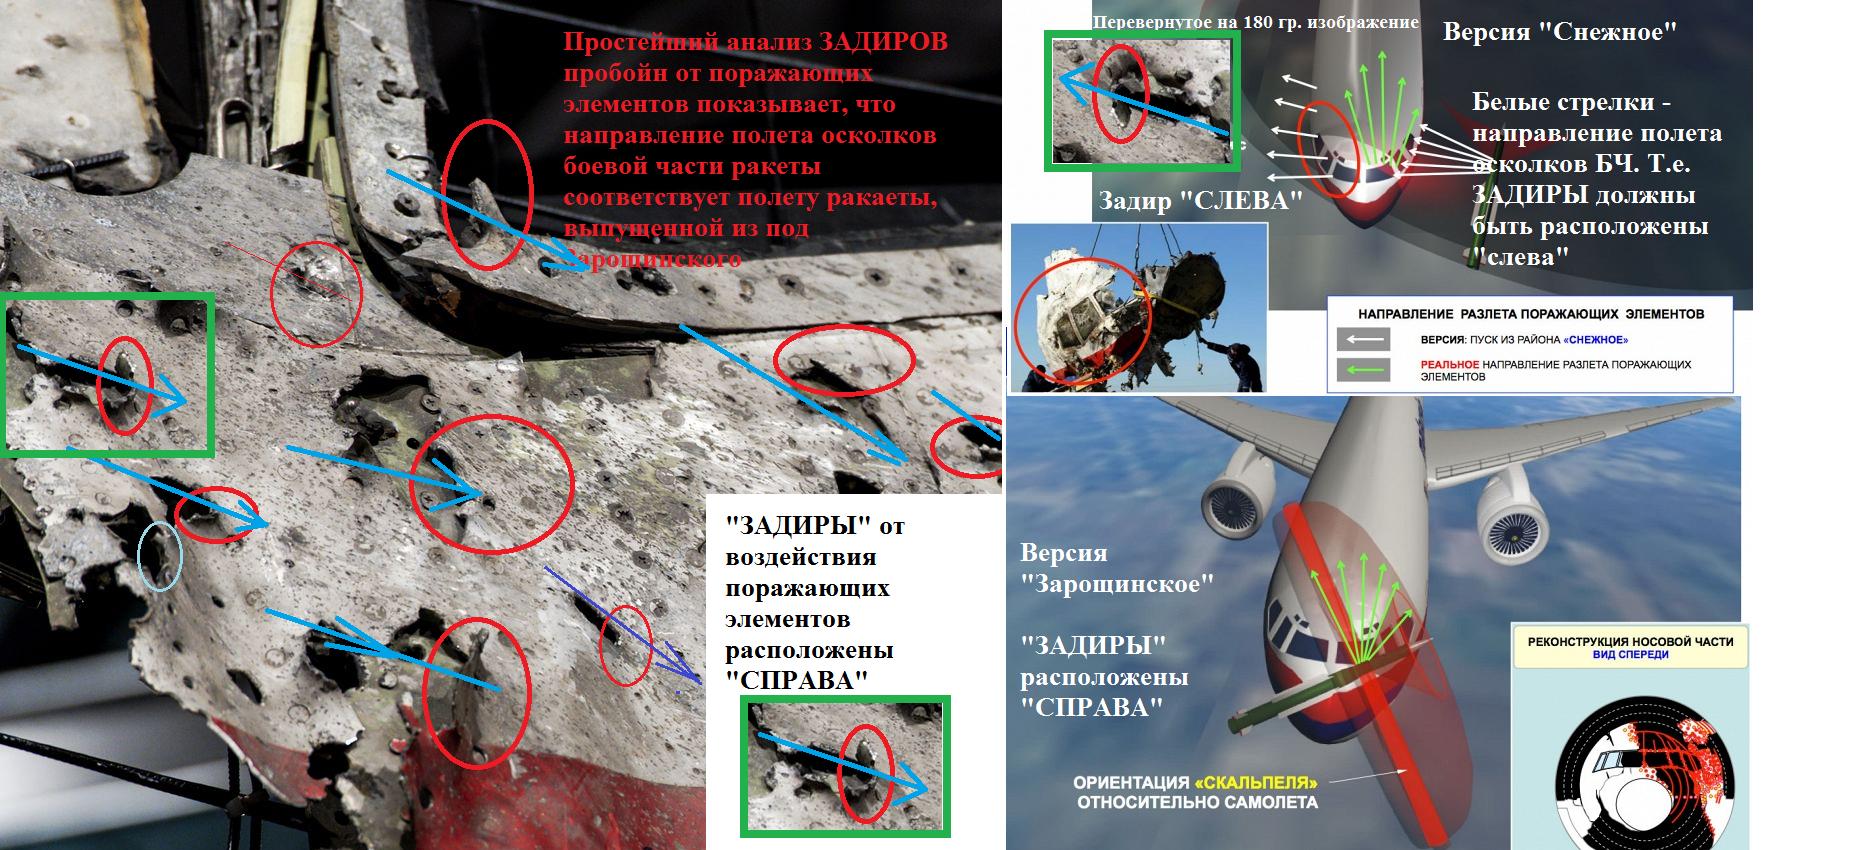 Направление задиров  - ракета запущенная из под Зарощинское.png